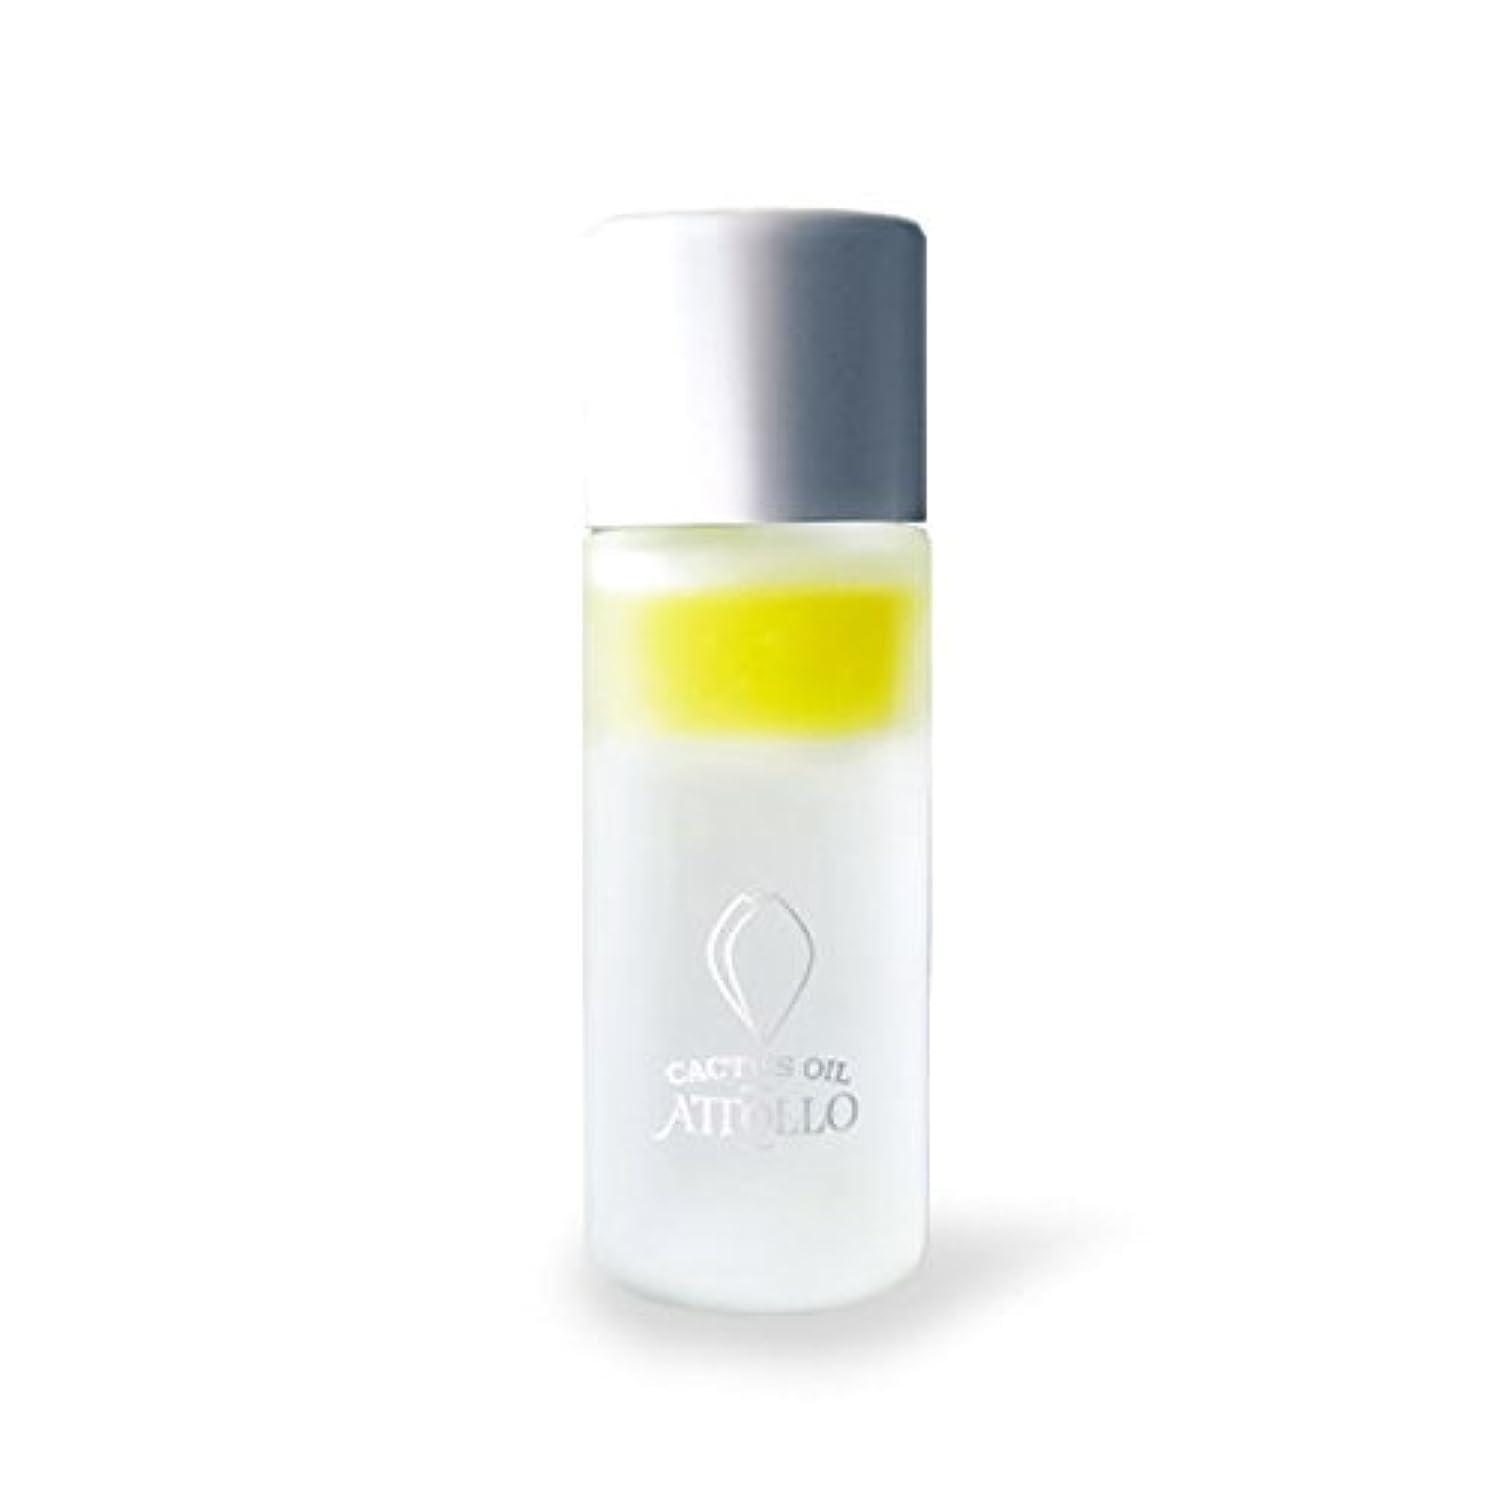 文法日食生産性ウチワサボテン種子オイル美容液 アトロエッセンス ATTOLLO Essence アロエベラエキス 二層式美容液